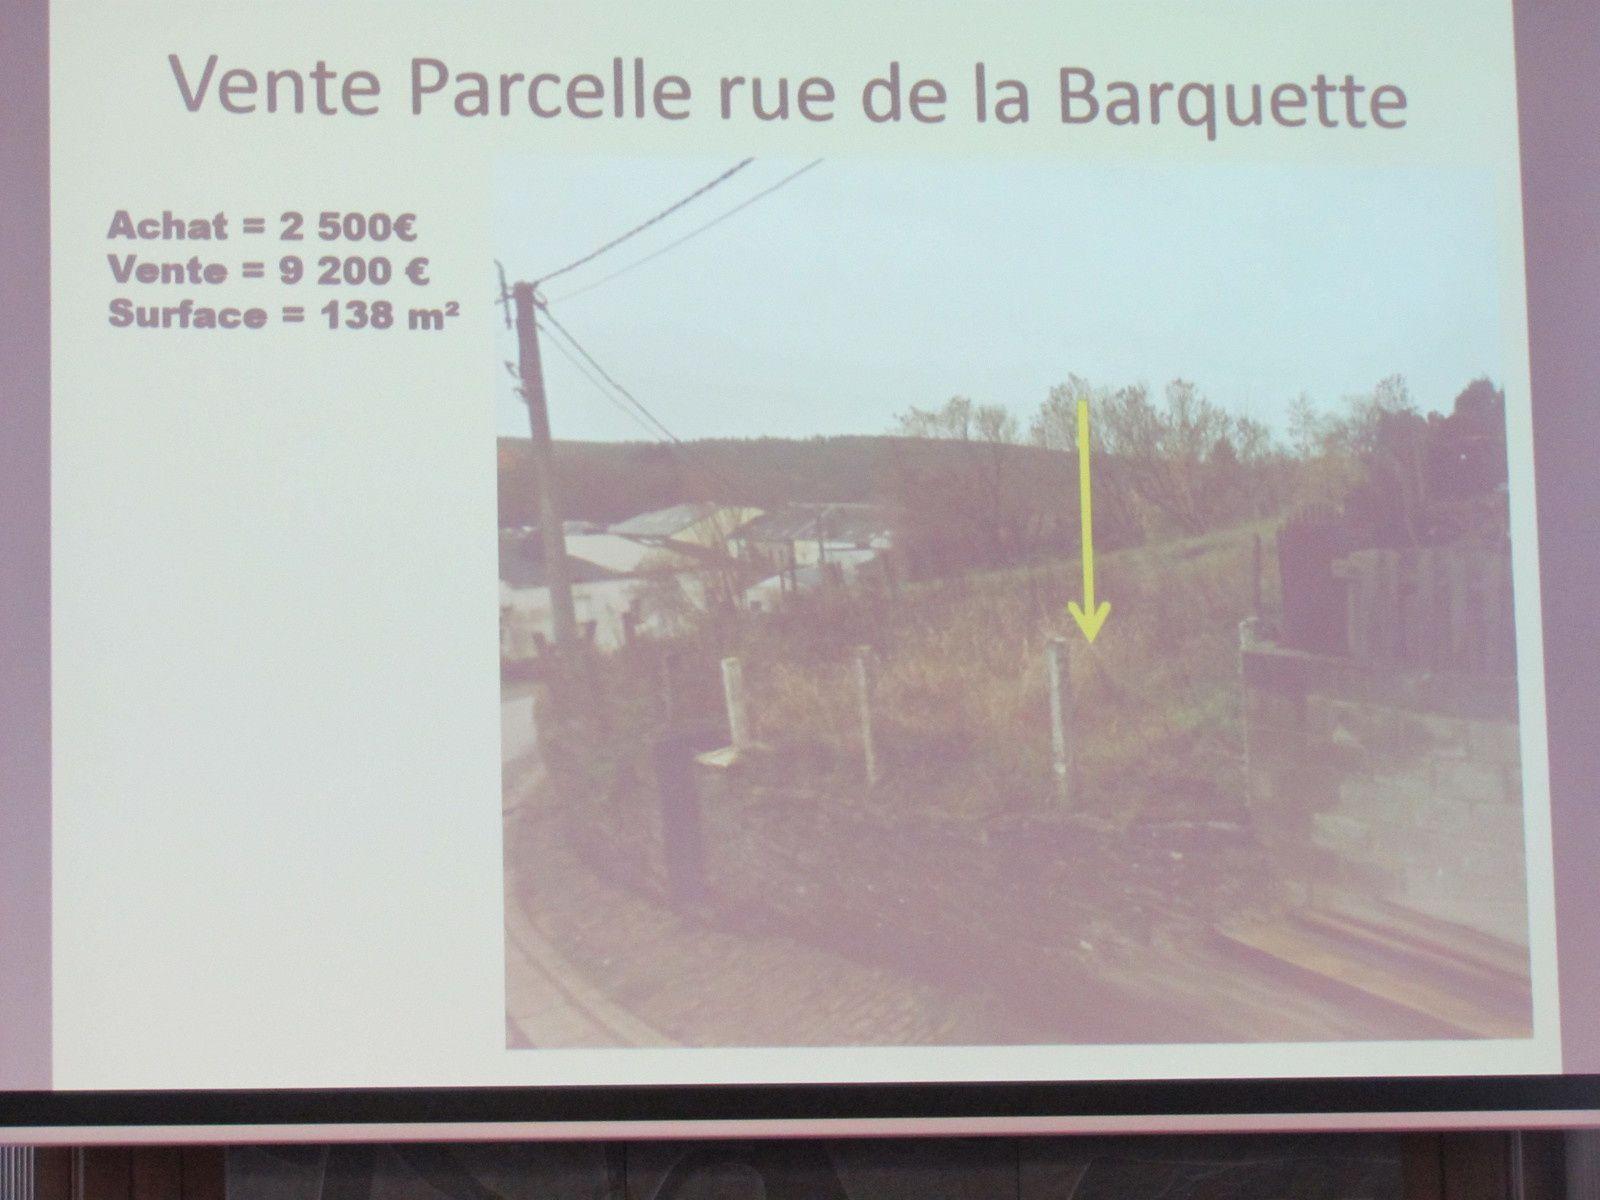 Vente parcelle rue de la Barquette